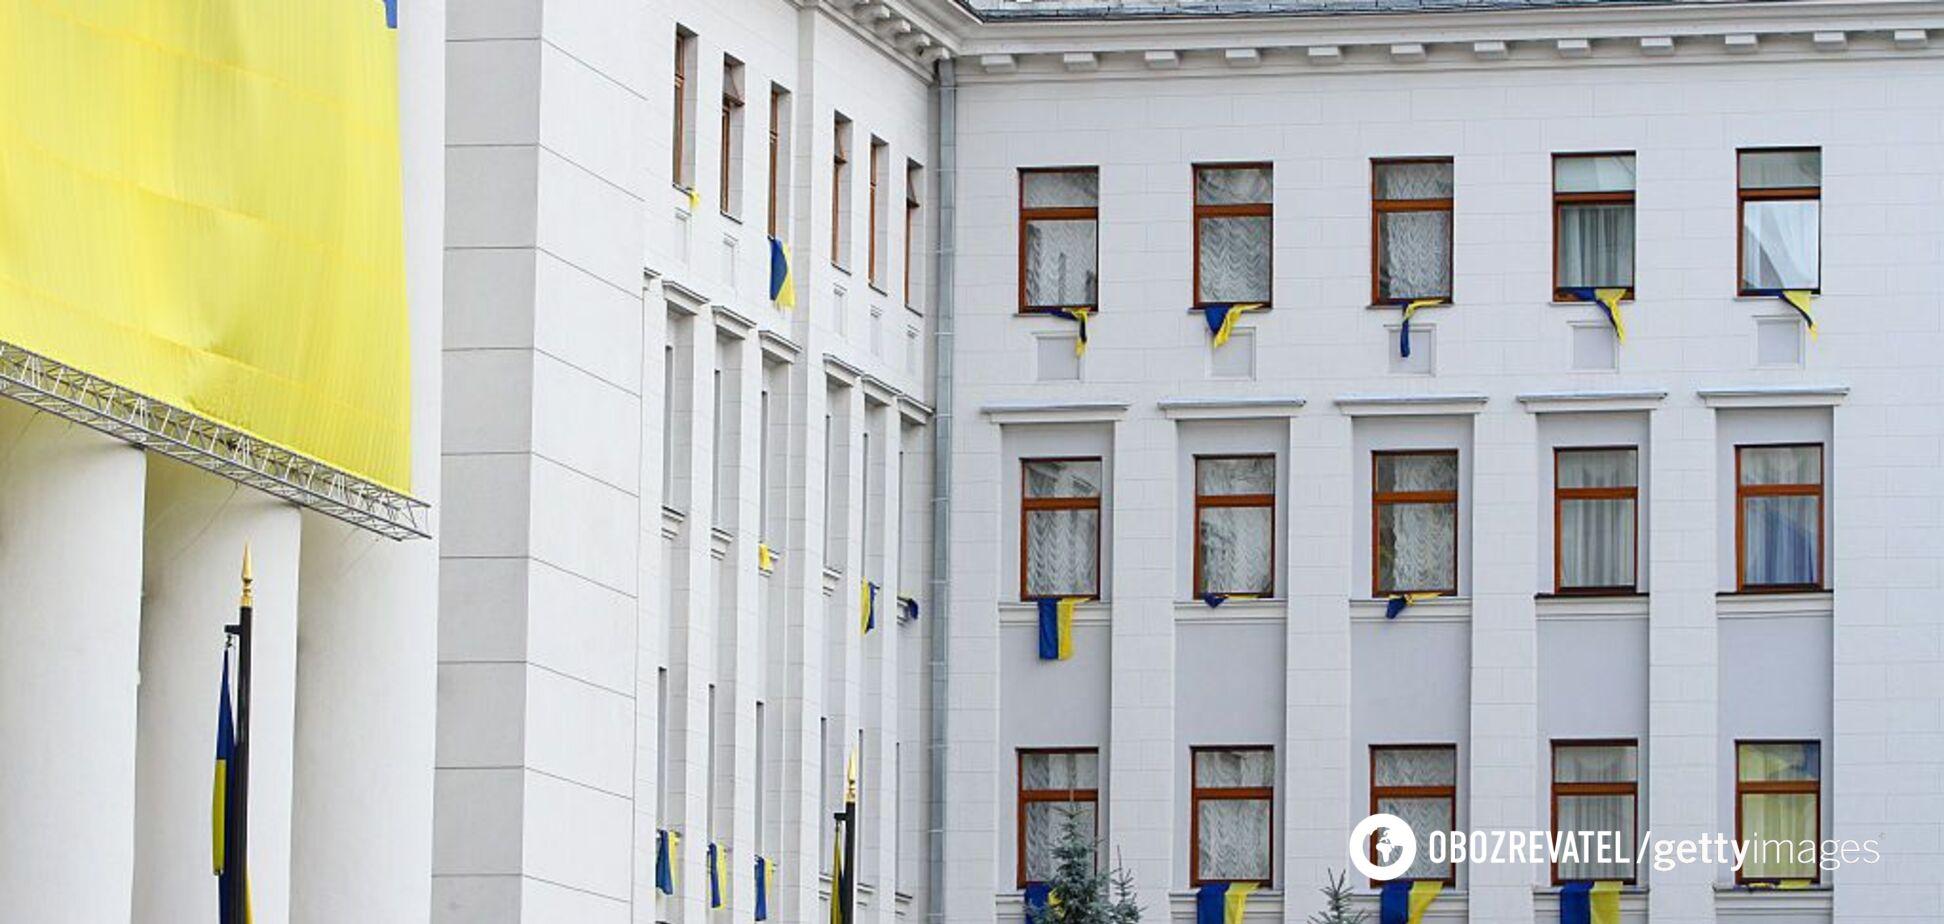 Зеленський захотів перенести Адміністрацію президента: скільки буде коштувати переїзд